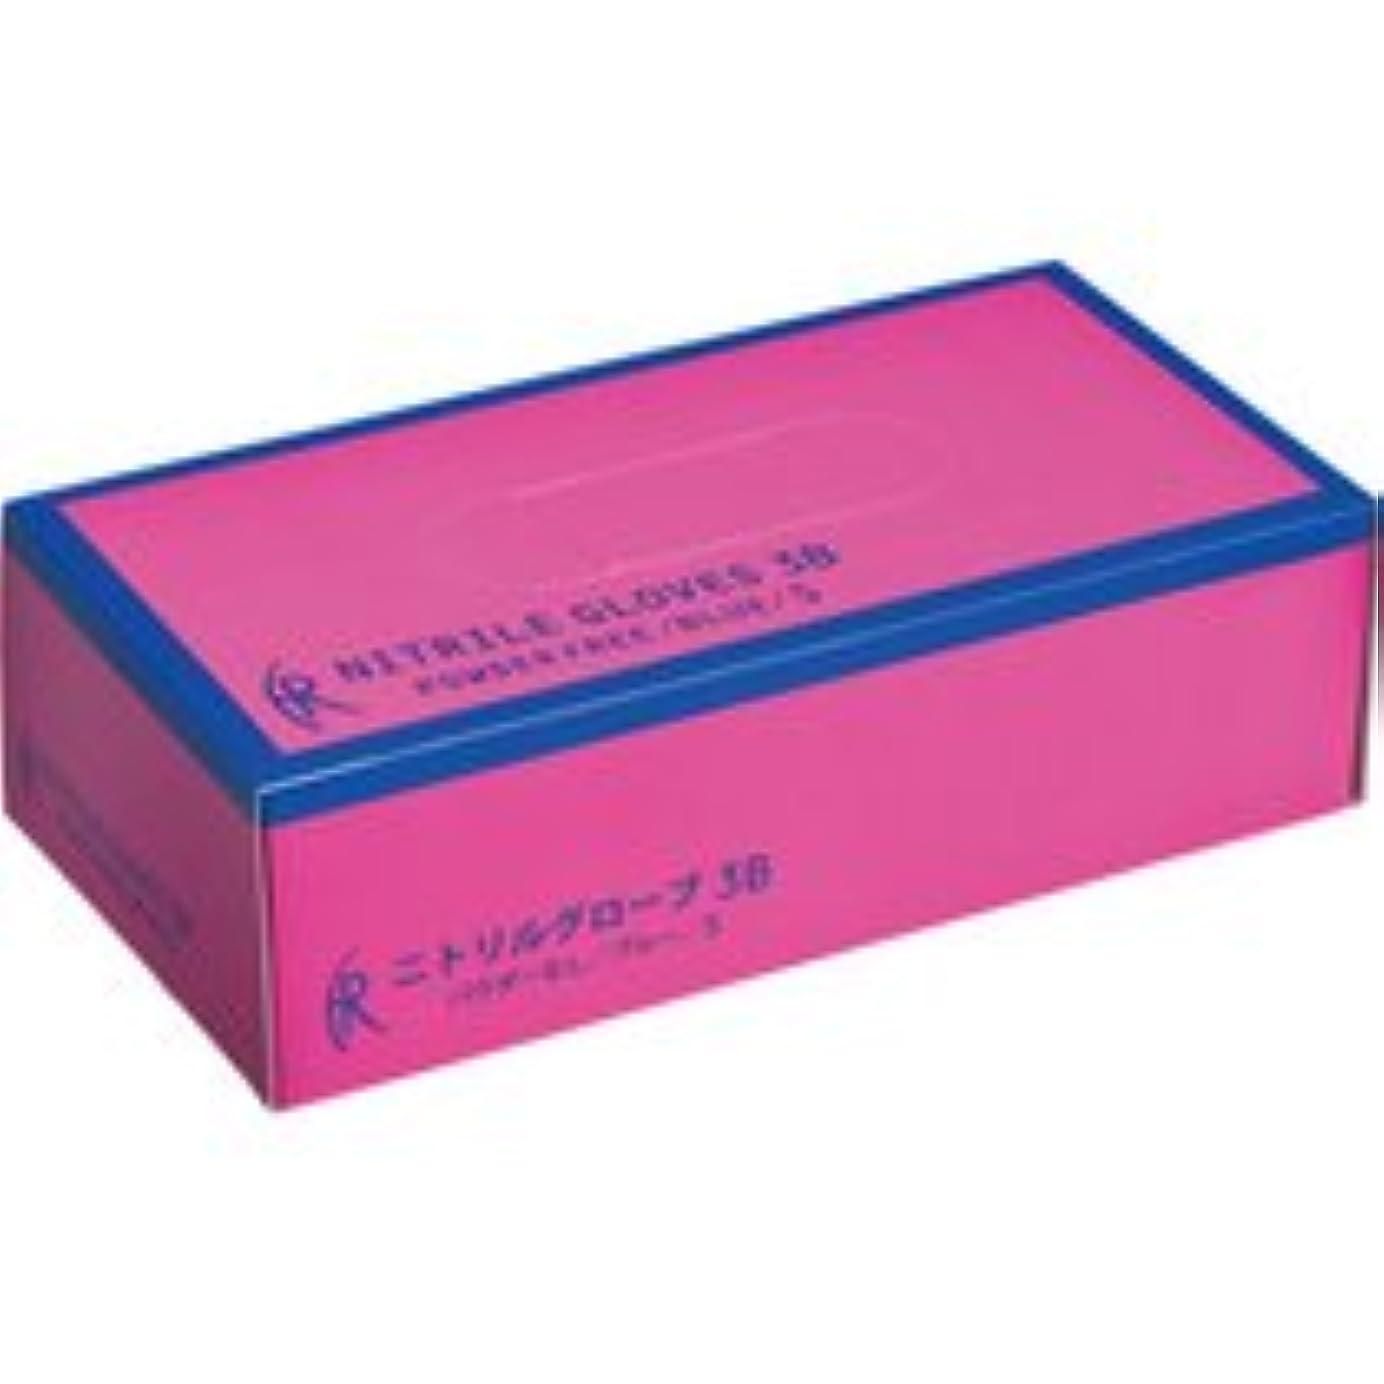 無傷支店ホラーファーストレイト ニトリルグローブ3B パウダーフリー S FR-5661 1セット(2000枚:200枚×10箱)